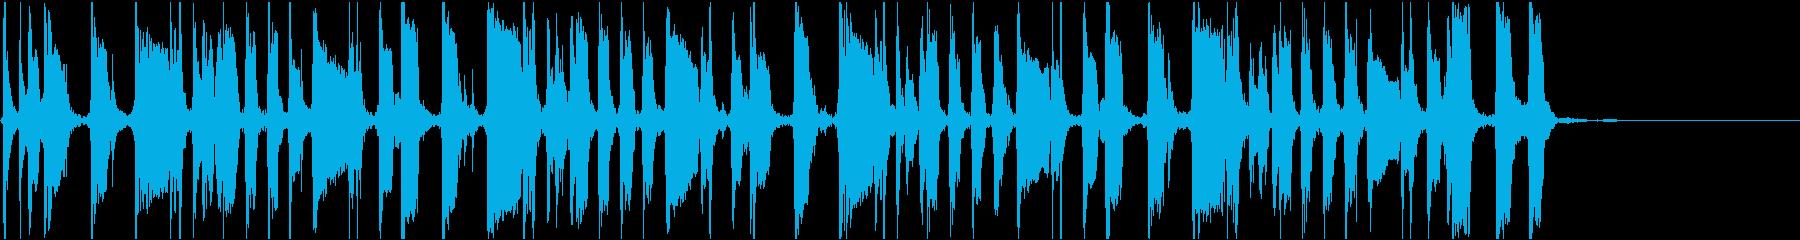 アコギの生演奏によるBGMの再生済みの波形